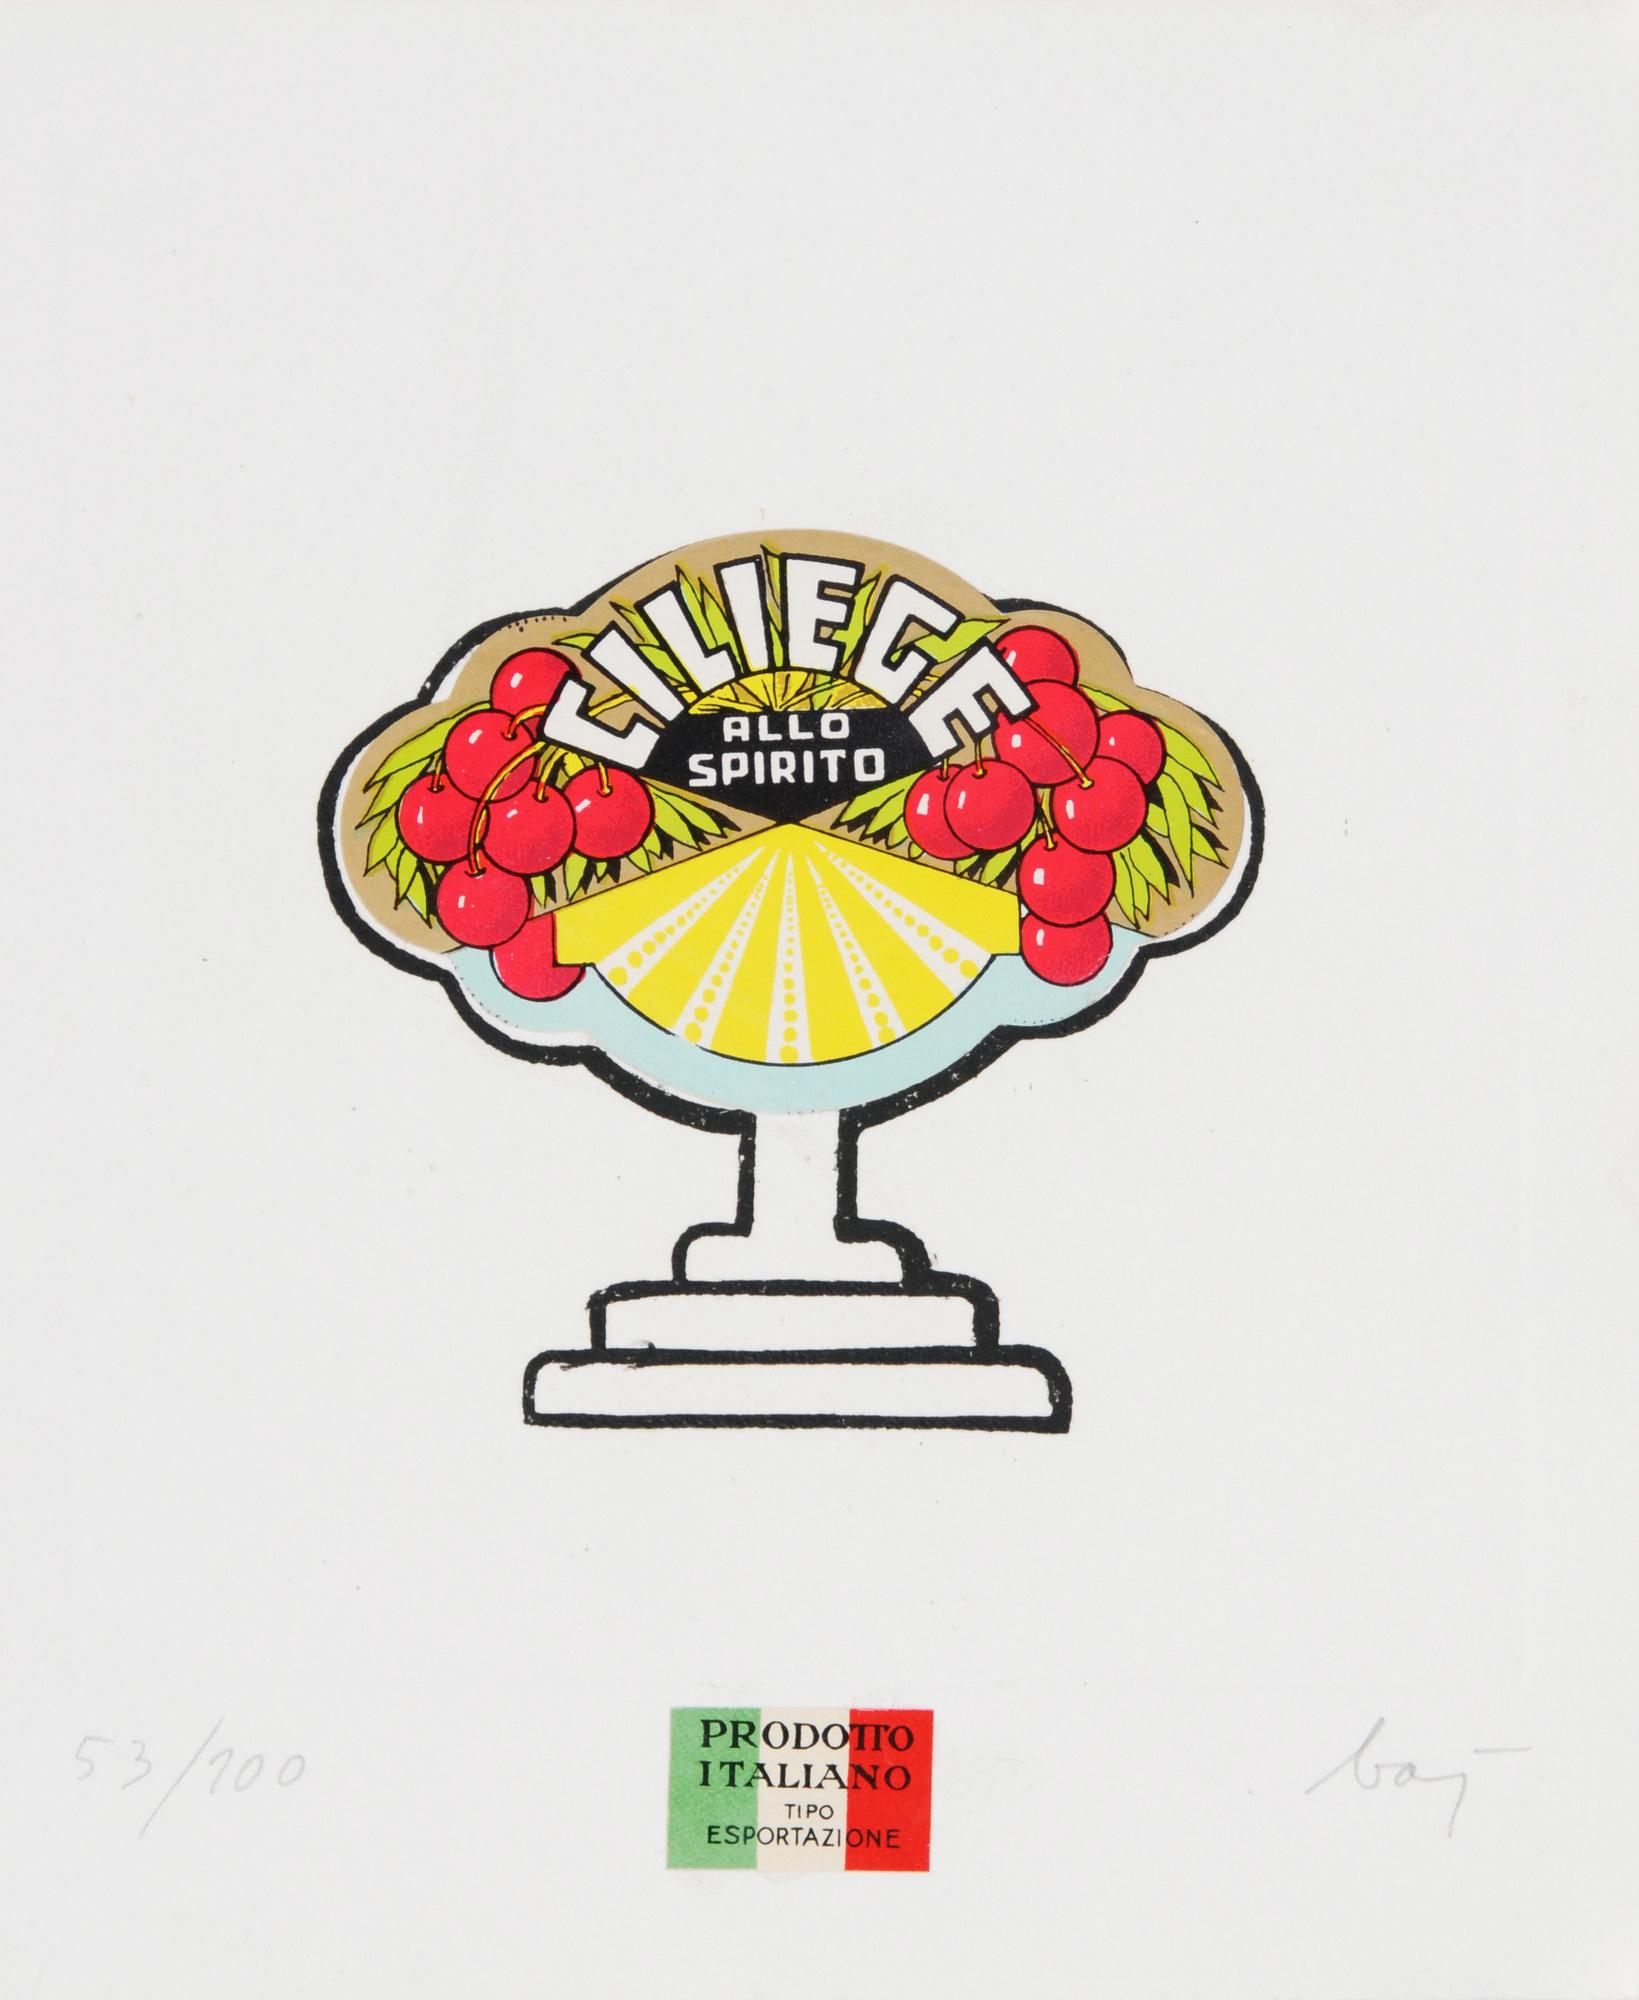 Baj Enrico, 2 sheets: Ciliege allo Spirito; Coca-Coca